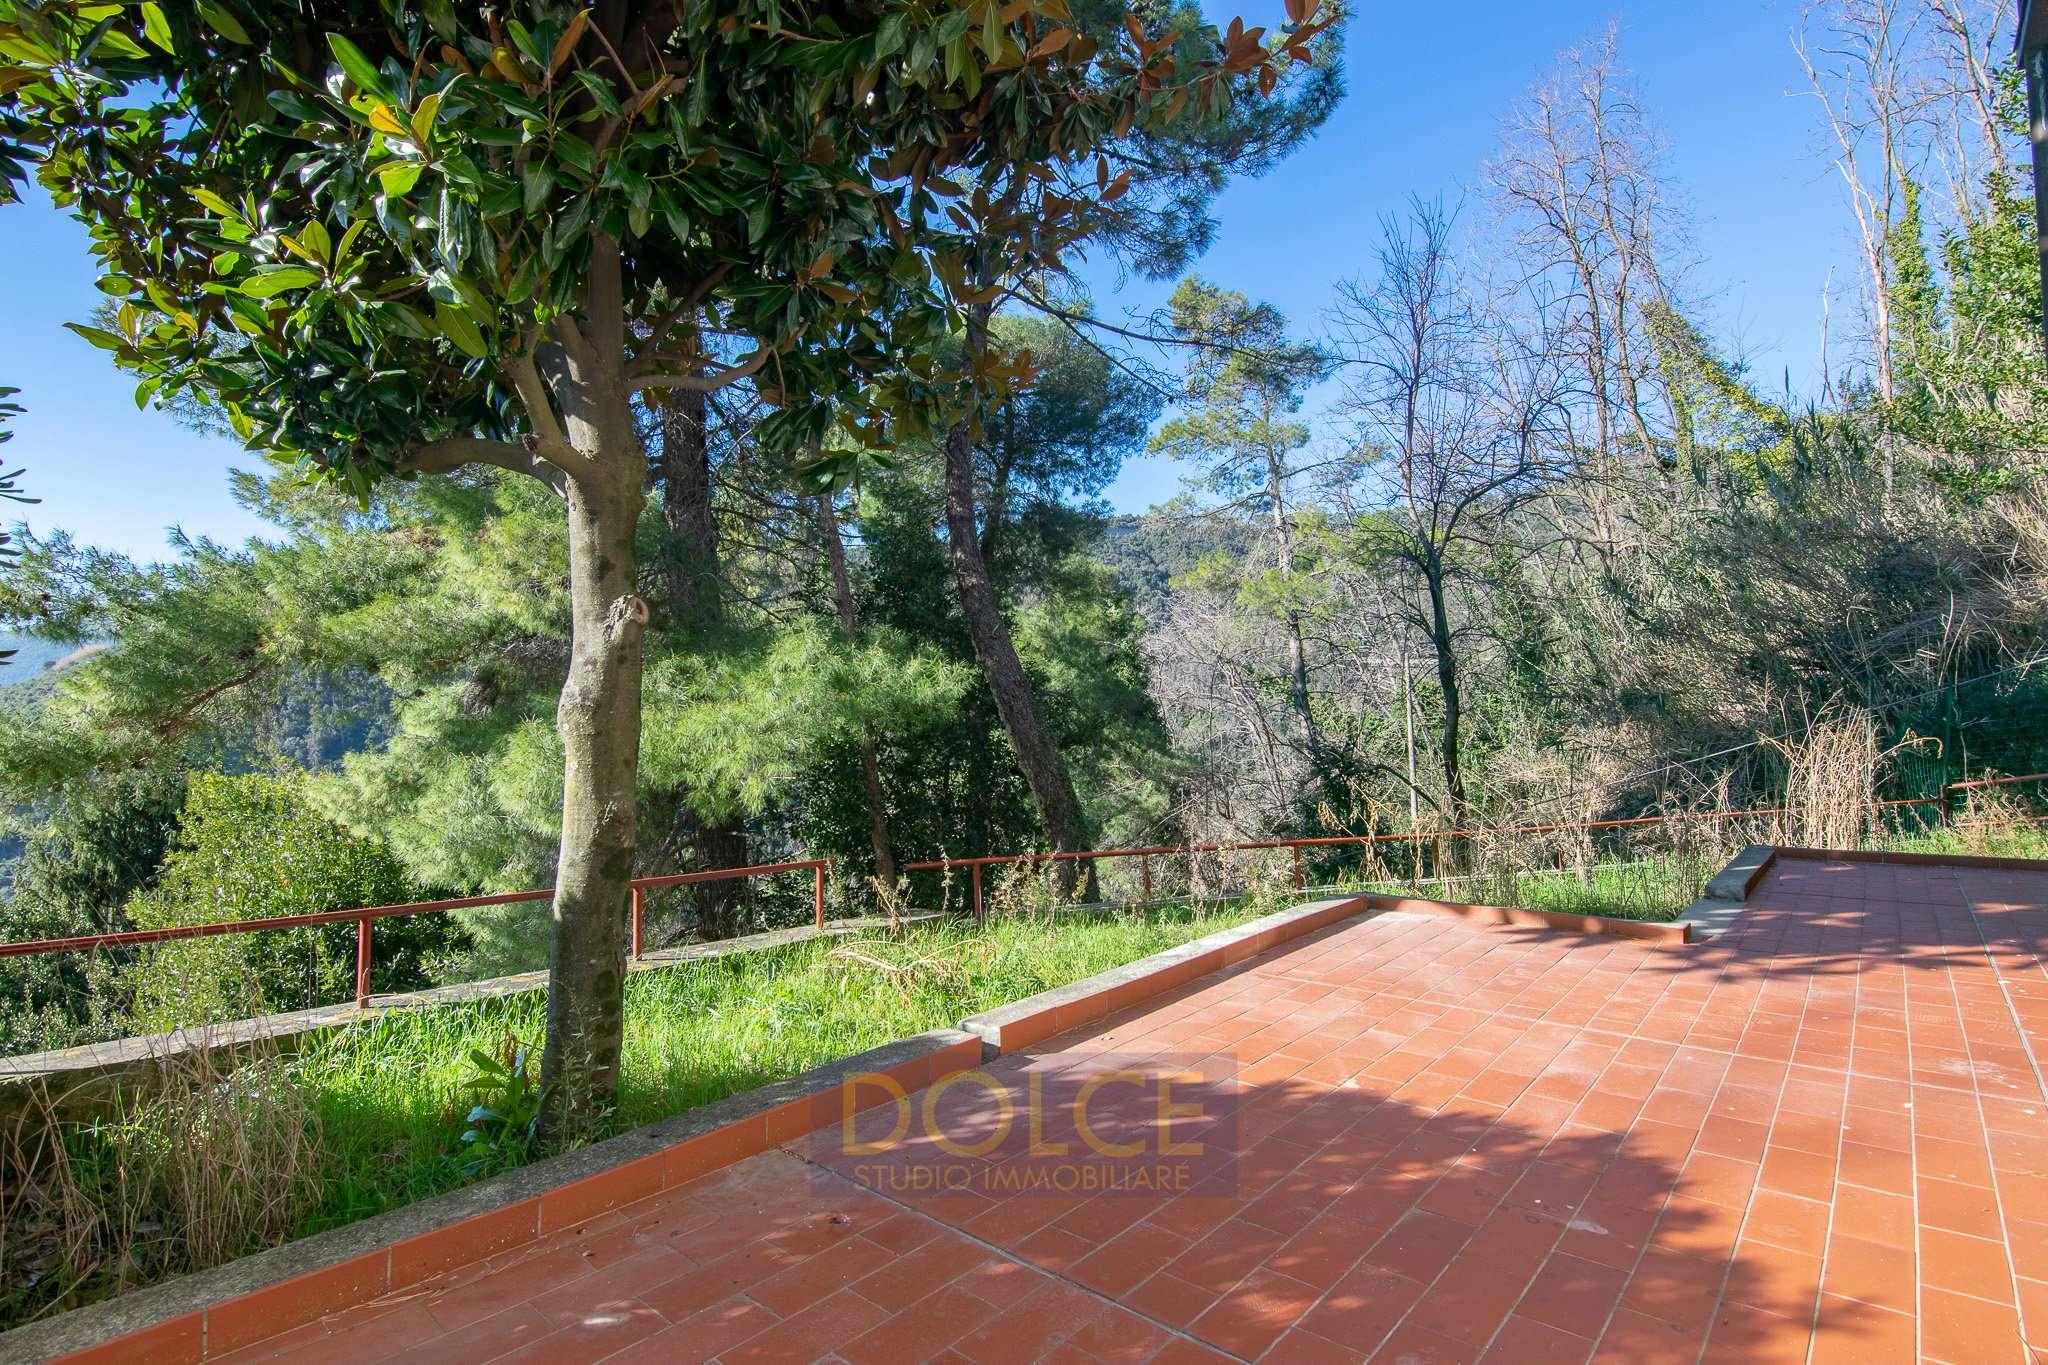 Appartamento in vendita a Deiva Marina, 3 locali, prezzo € 64.000 | PortaleAgenzieImmobiliari.it